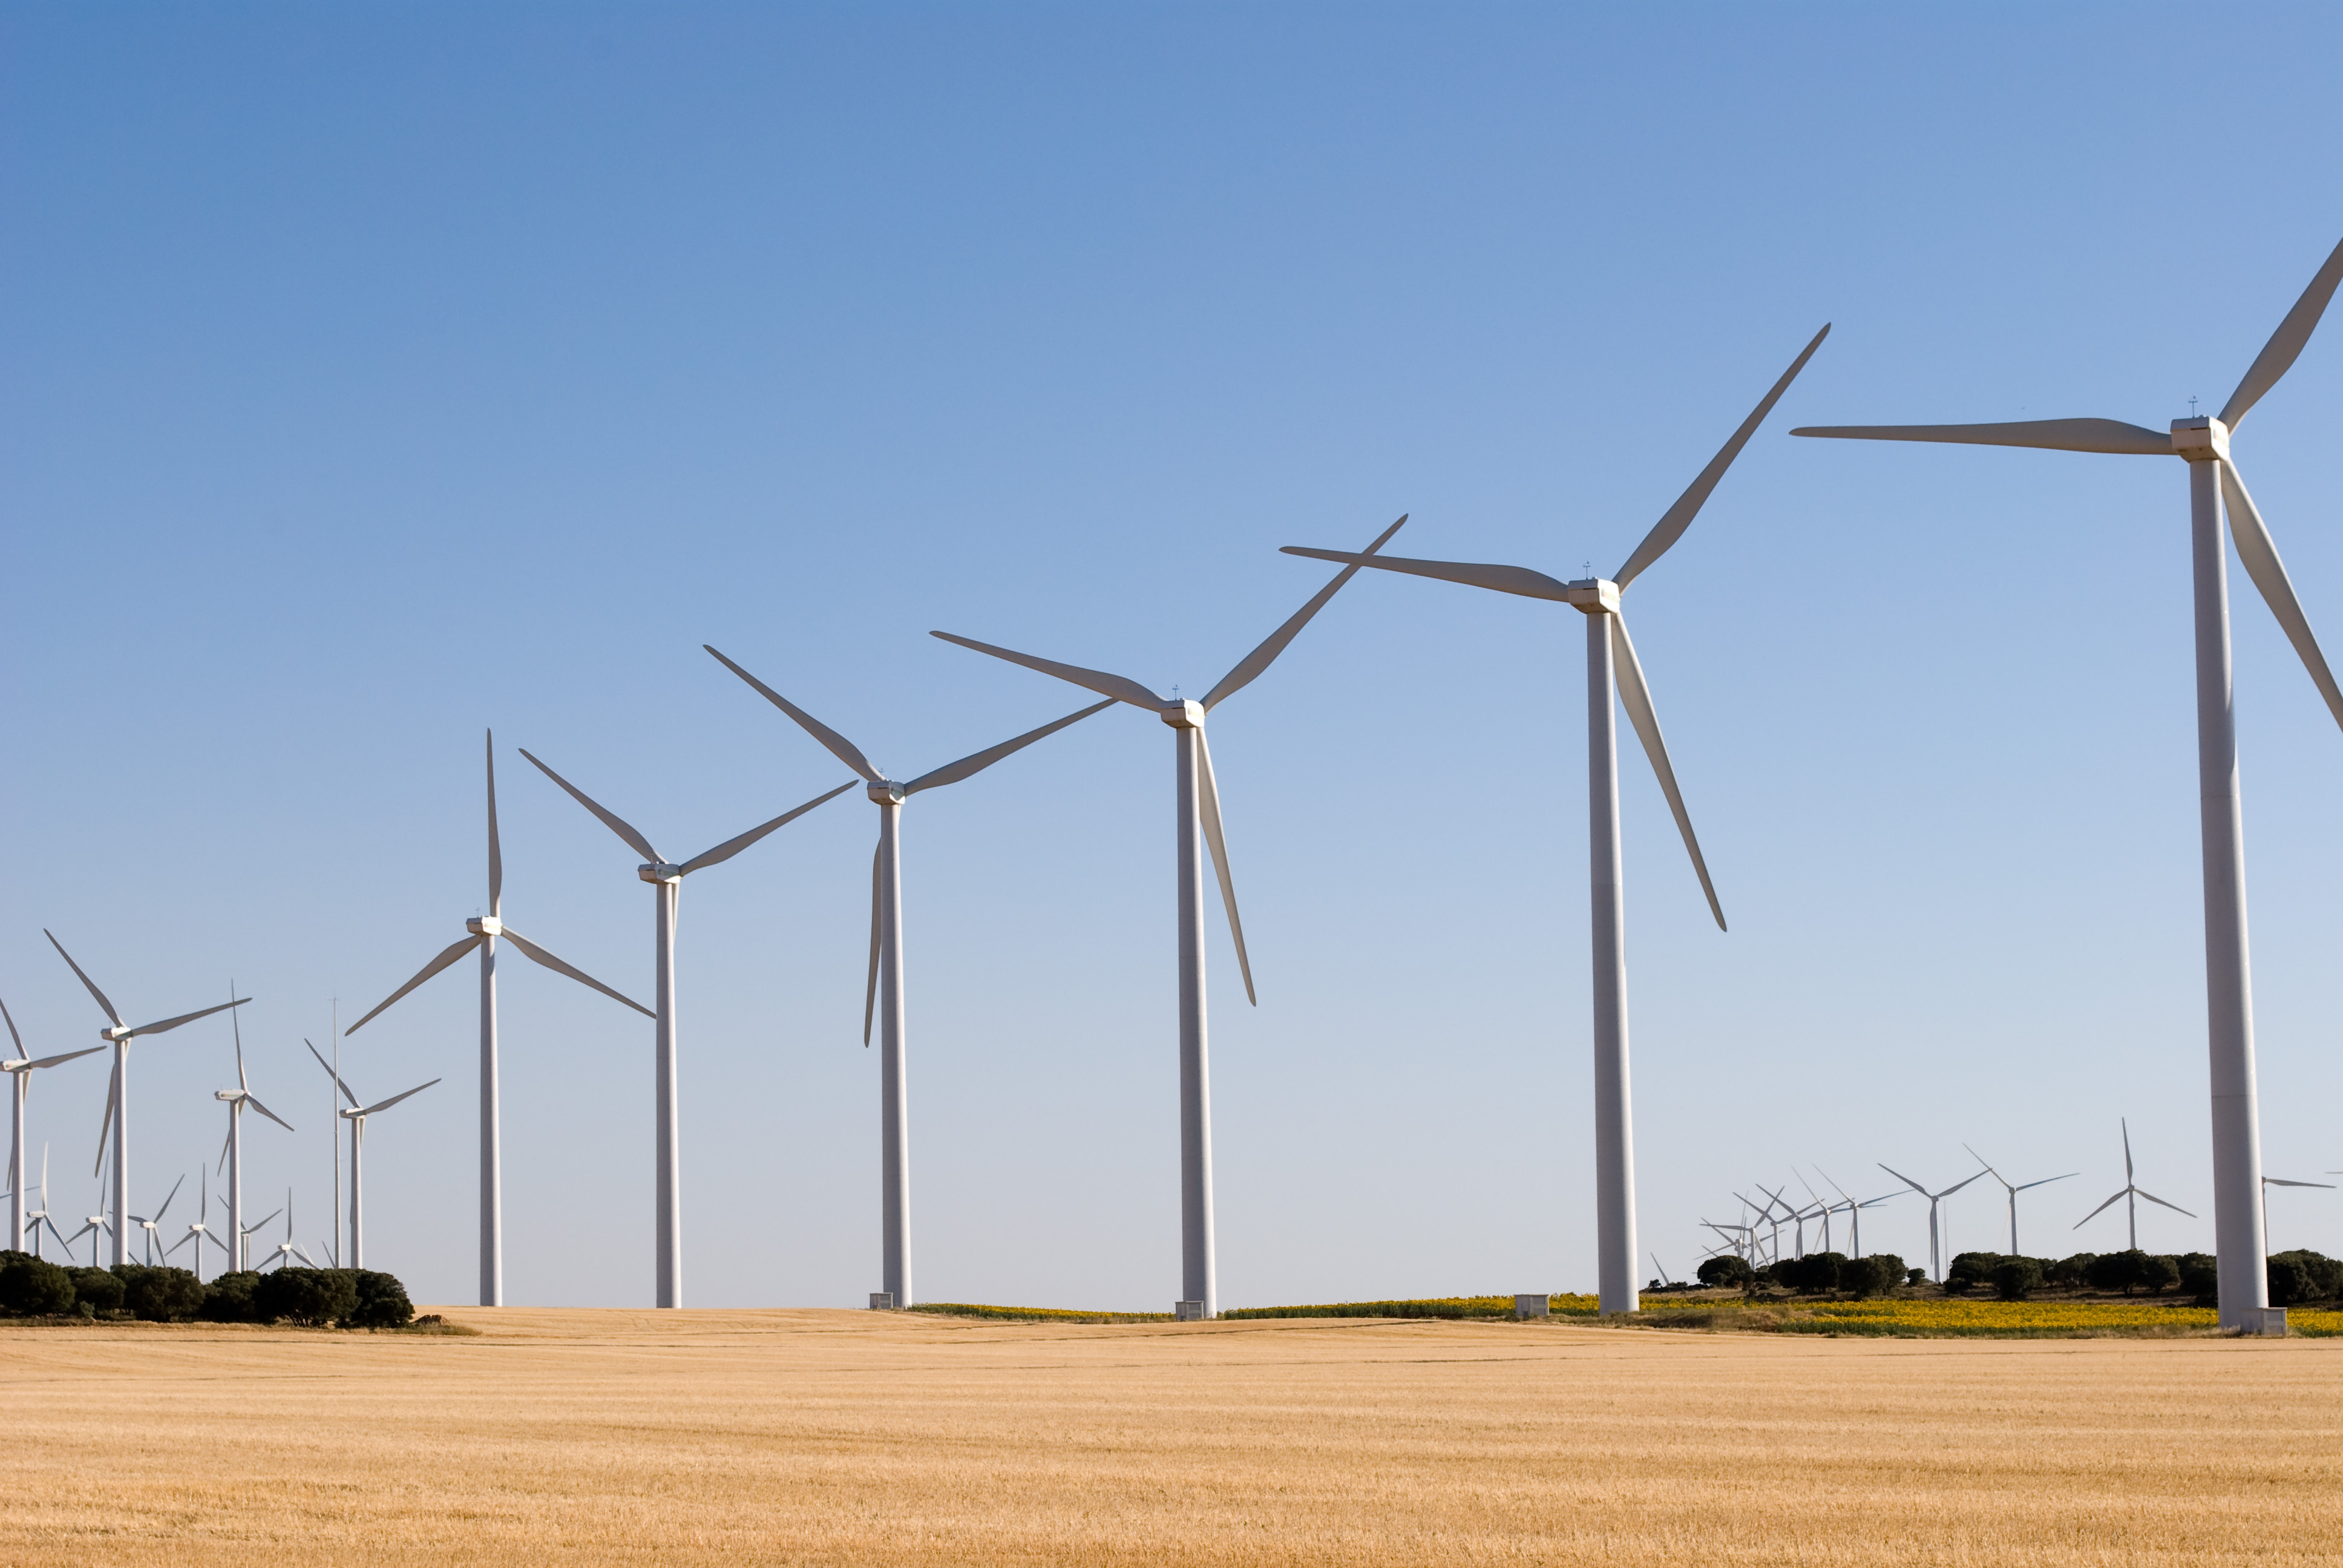 Eólica en Argentina: gobierno riojano quiere duplicar su parque eólico con aerogeneradores de IMPSA